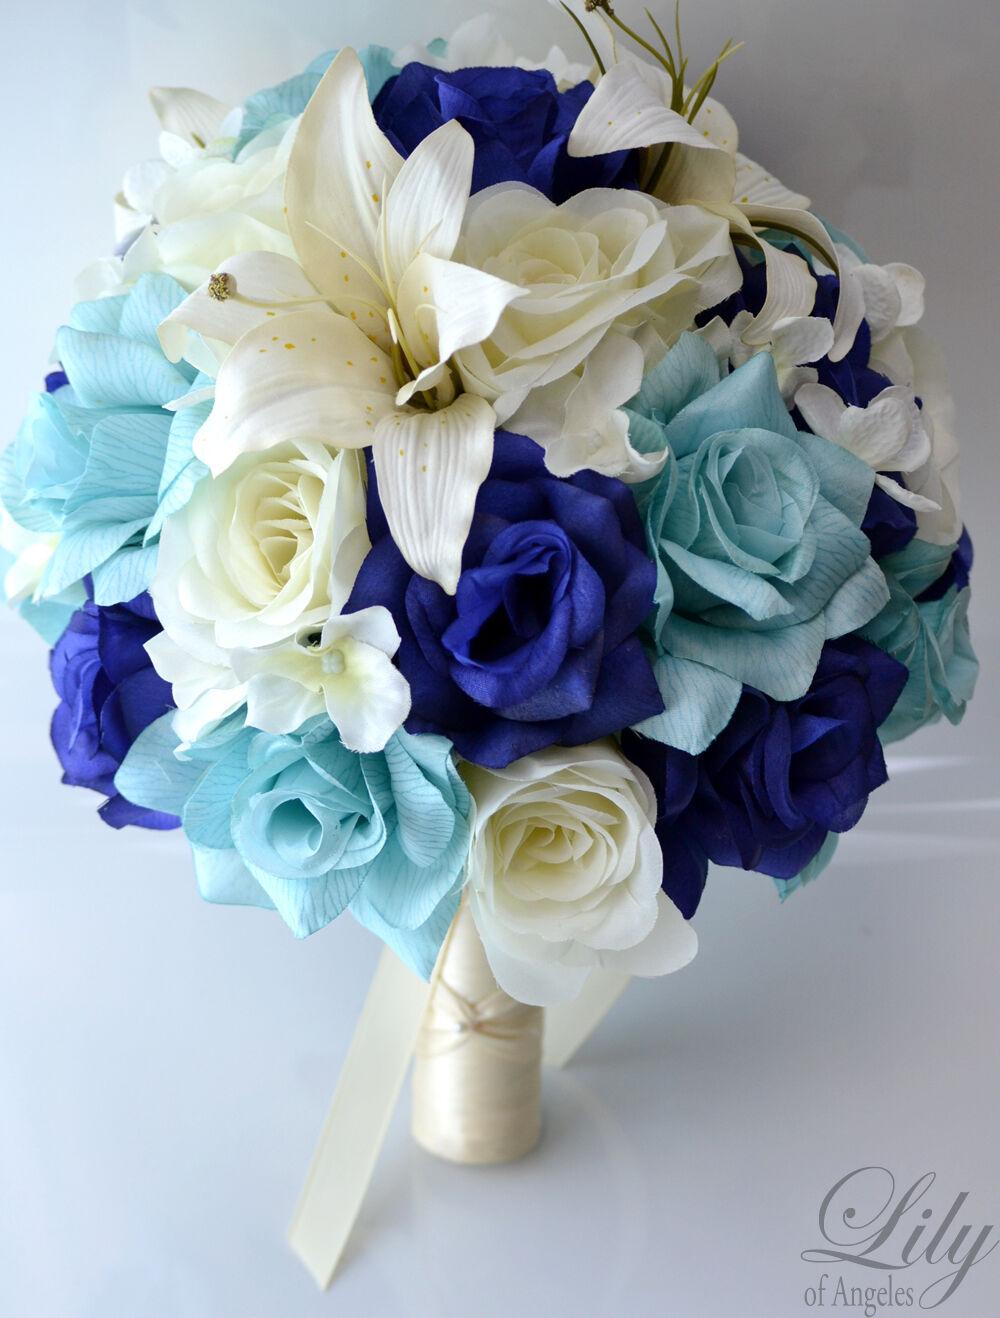 17pcs Robe de Mariage Bouquet Soie Décoration Fleur Paquet Roses Navy Aqua